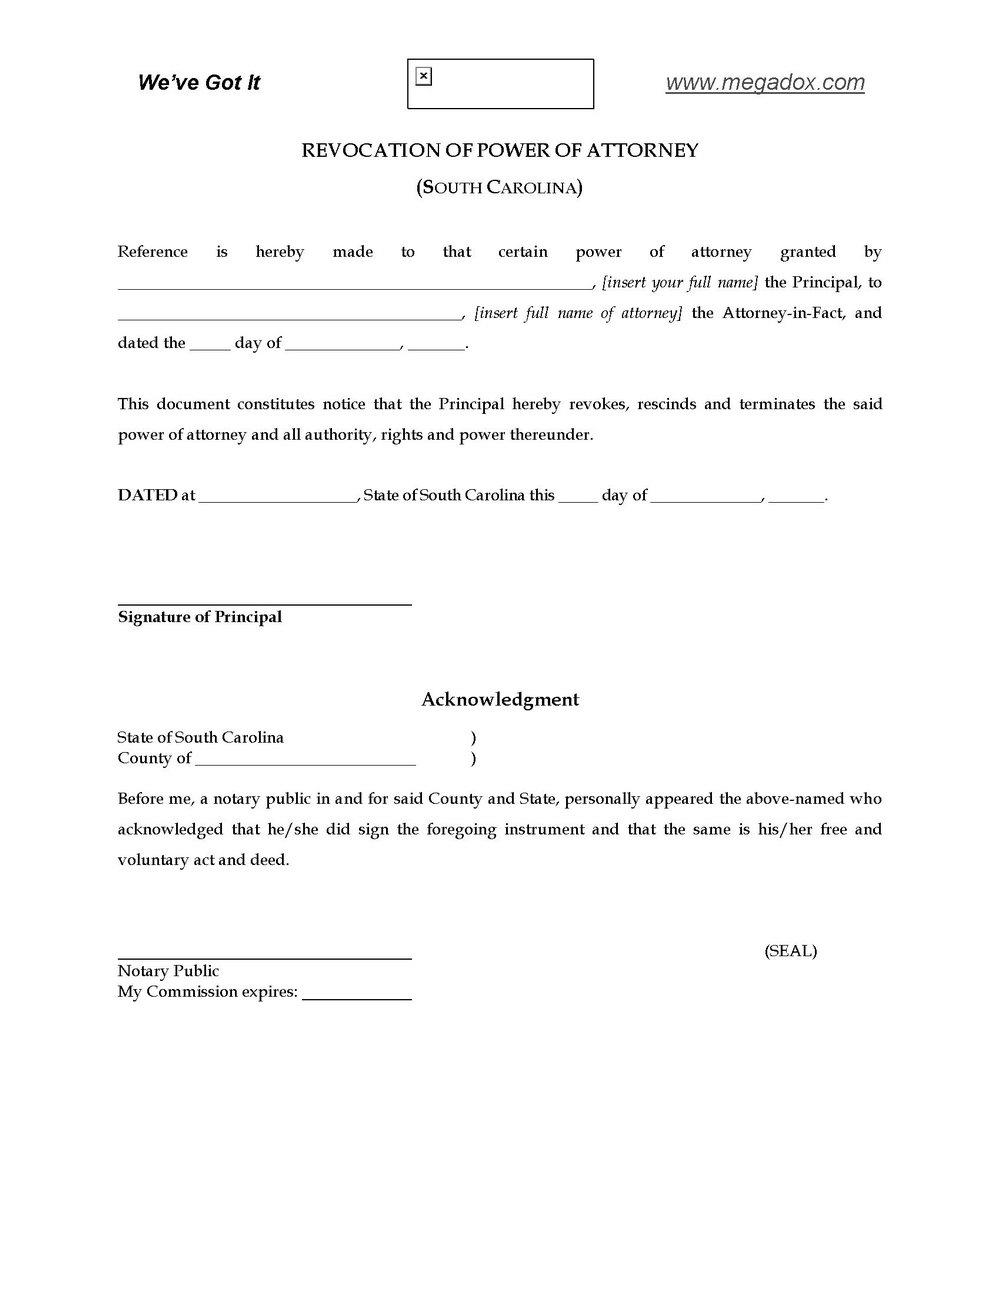 South Carolina Power Of Attorney Form 2848